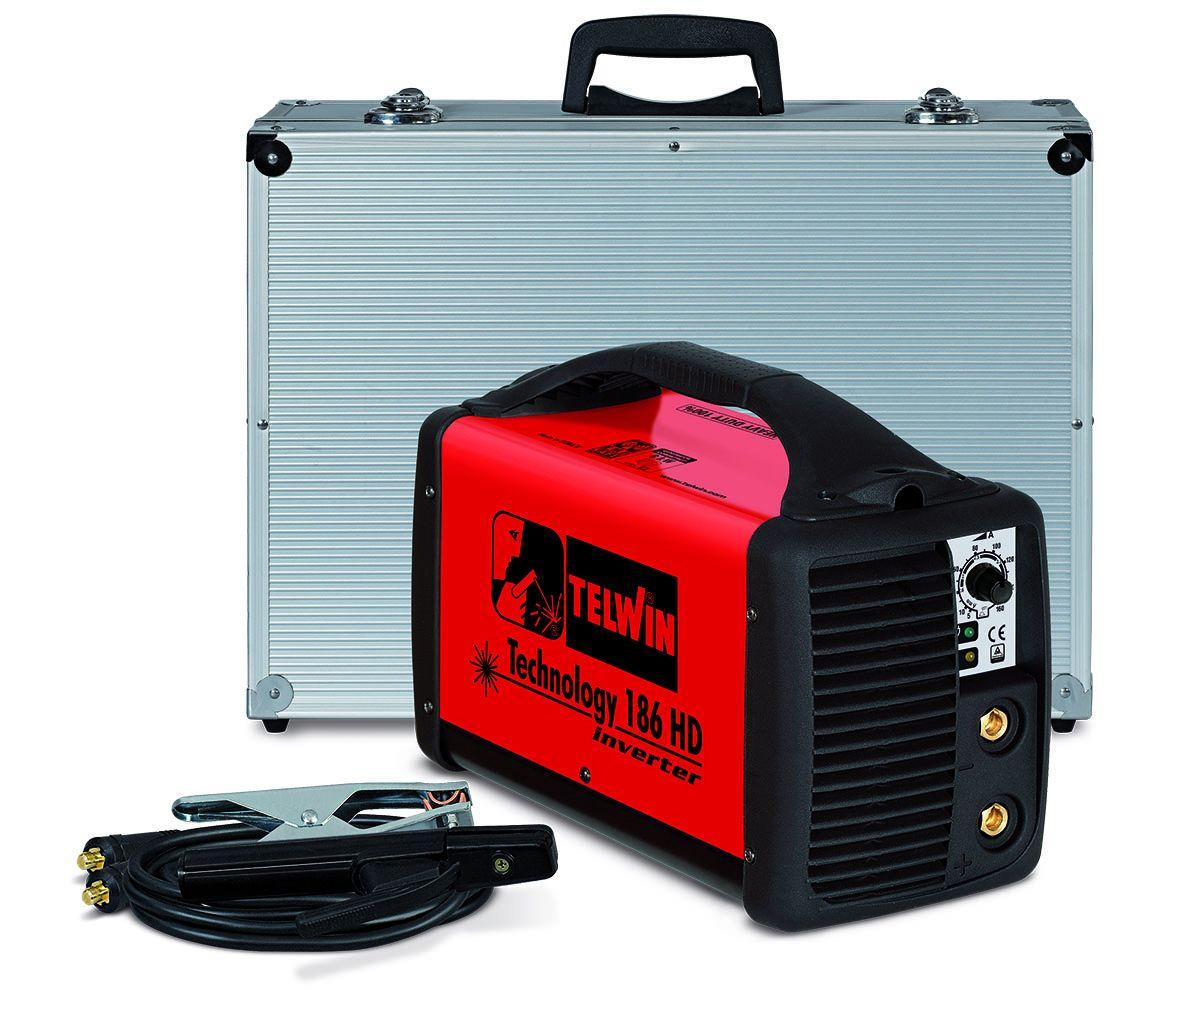 Сварочный инвертор TECHNOLOGY 186HD 230V ACX+ALU C.CASE